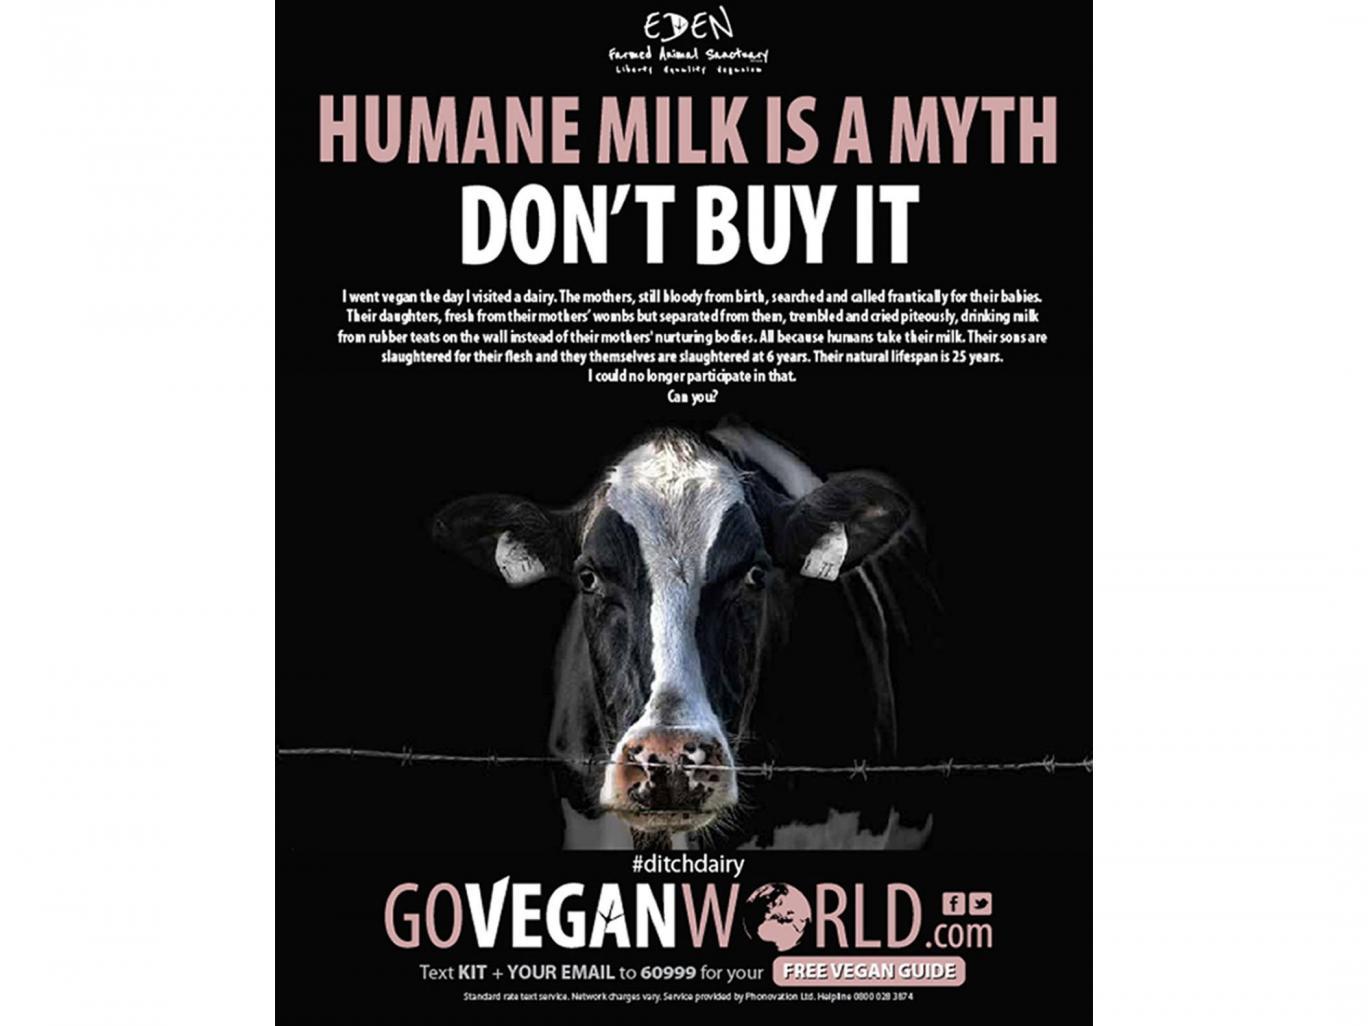 vegan-world-milk-ad vegan seo words